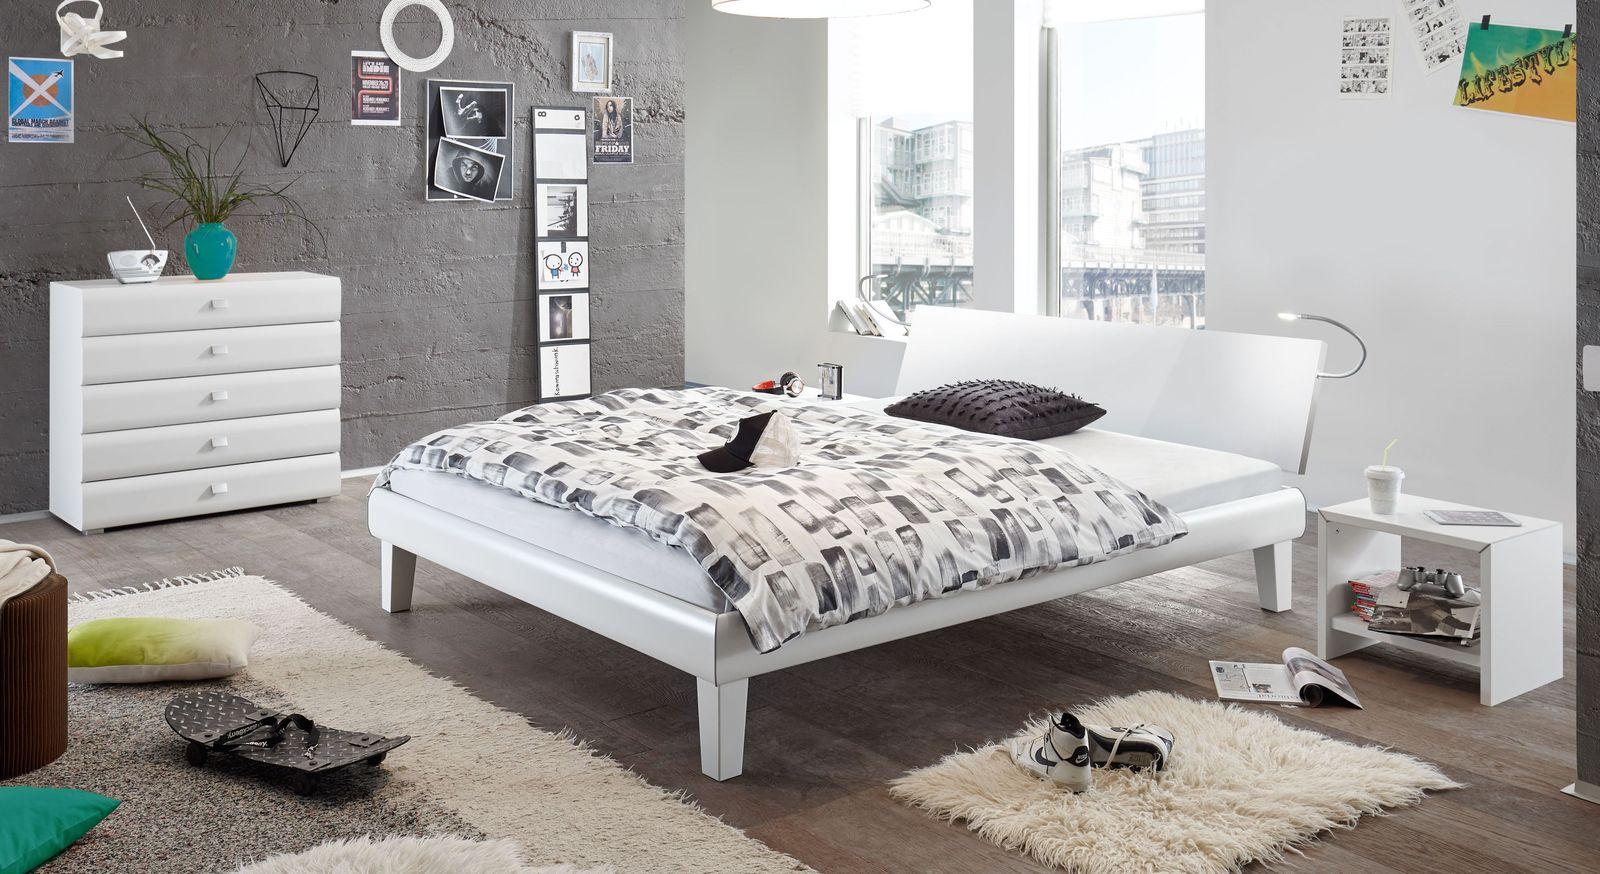 designerbett in z b 140x200 cm auf rechnung arona. Black Bedroom Furniture Sets. Home Design Ideas